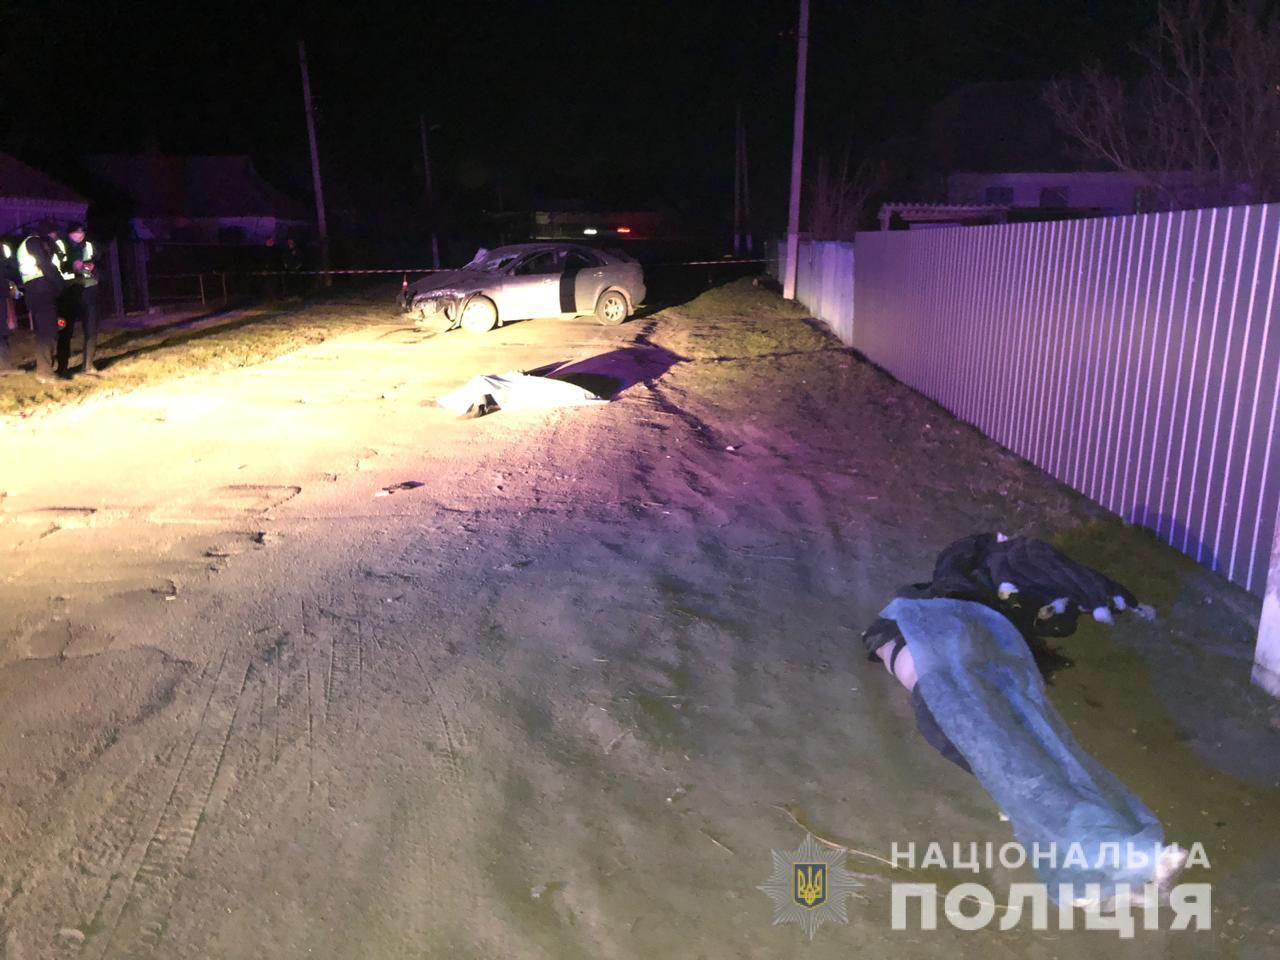 19-летнему парню, насмерть сбившего девочек под Киевом, грозит 10-летний тюремный срок